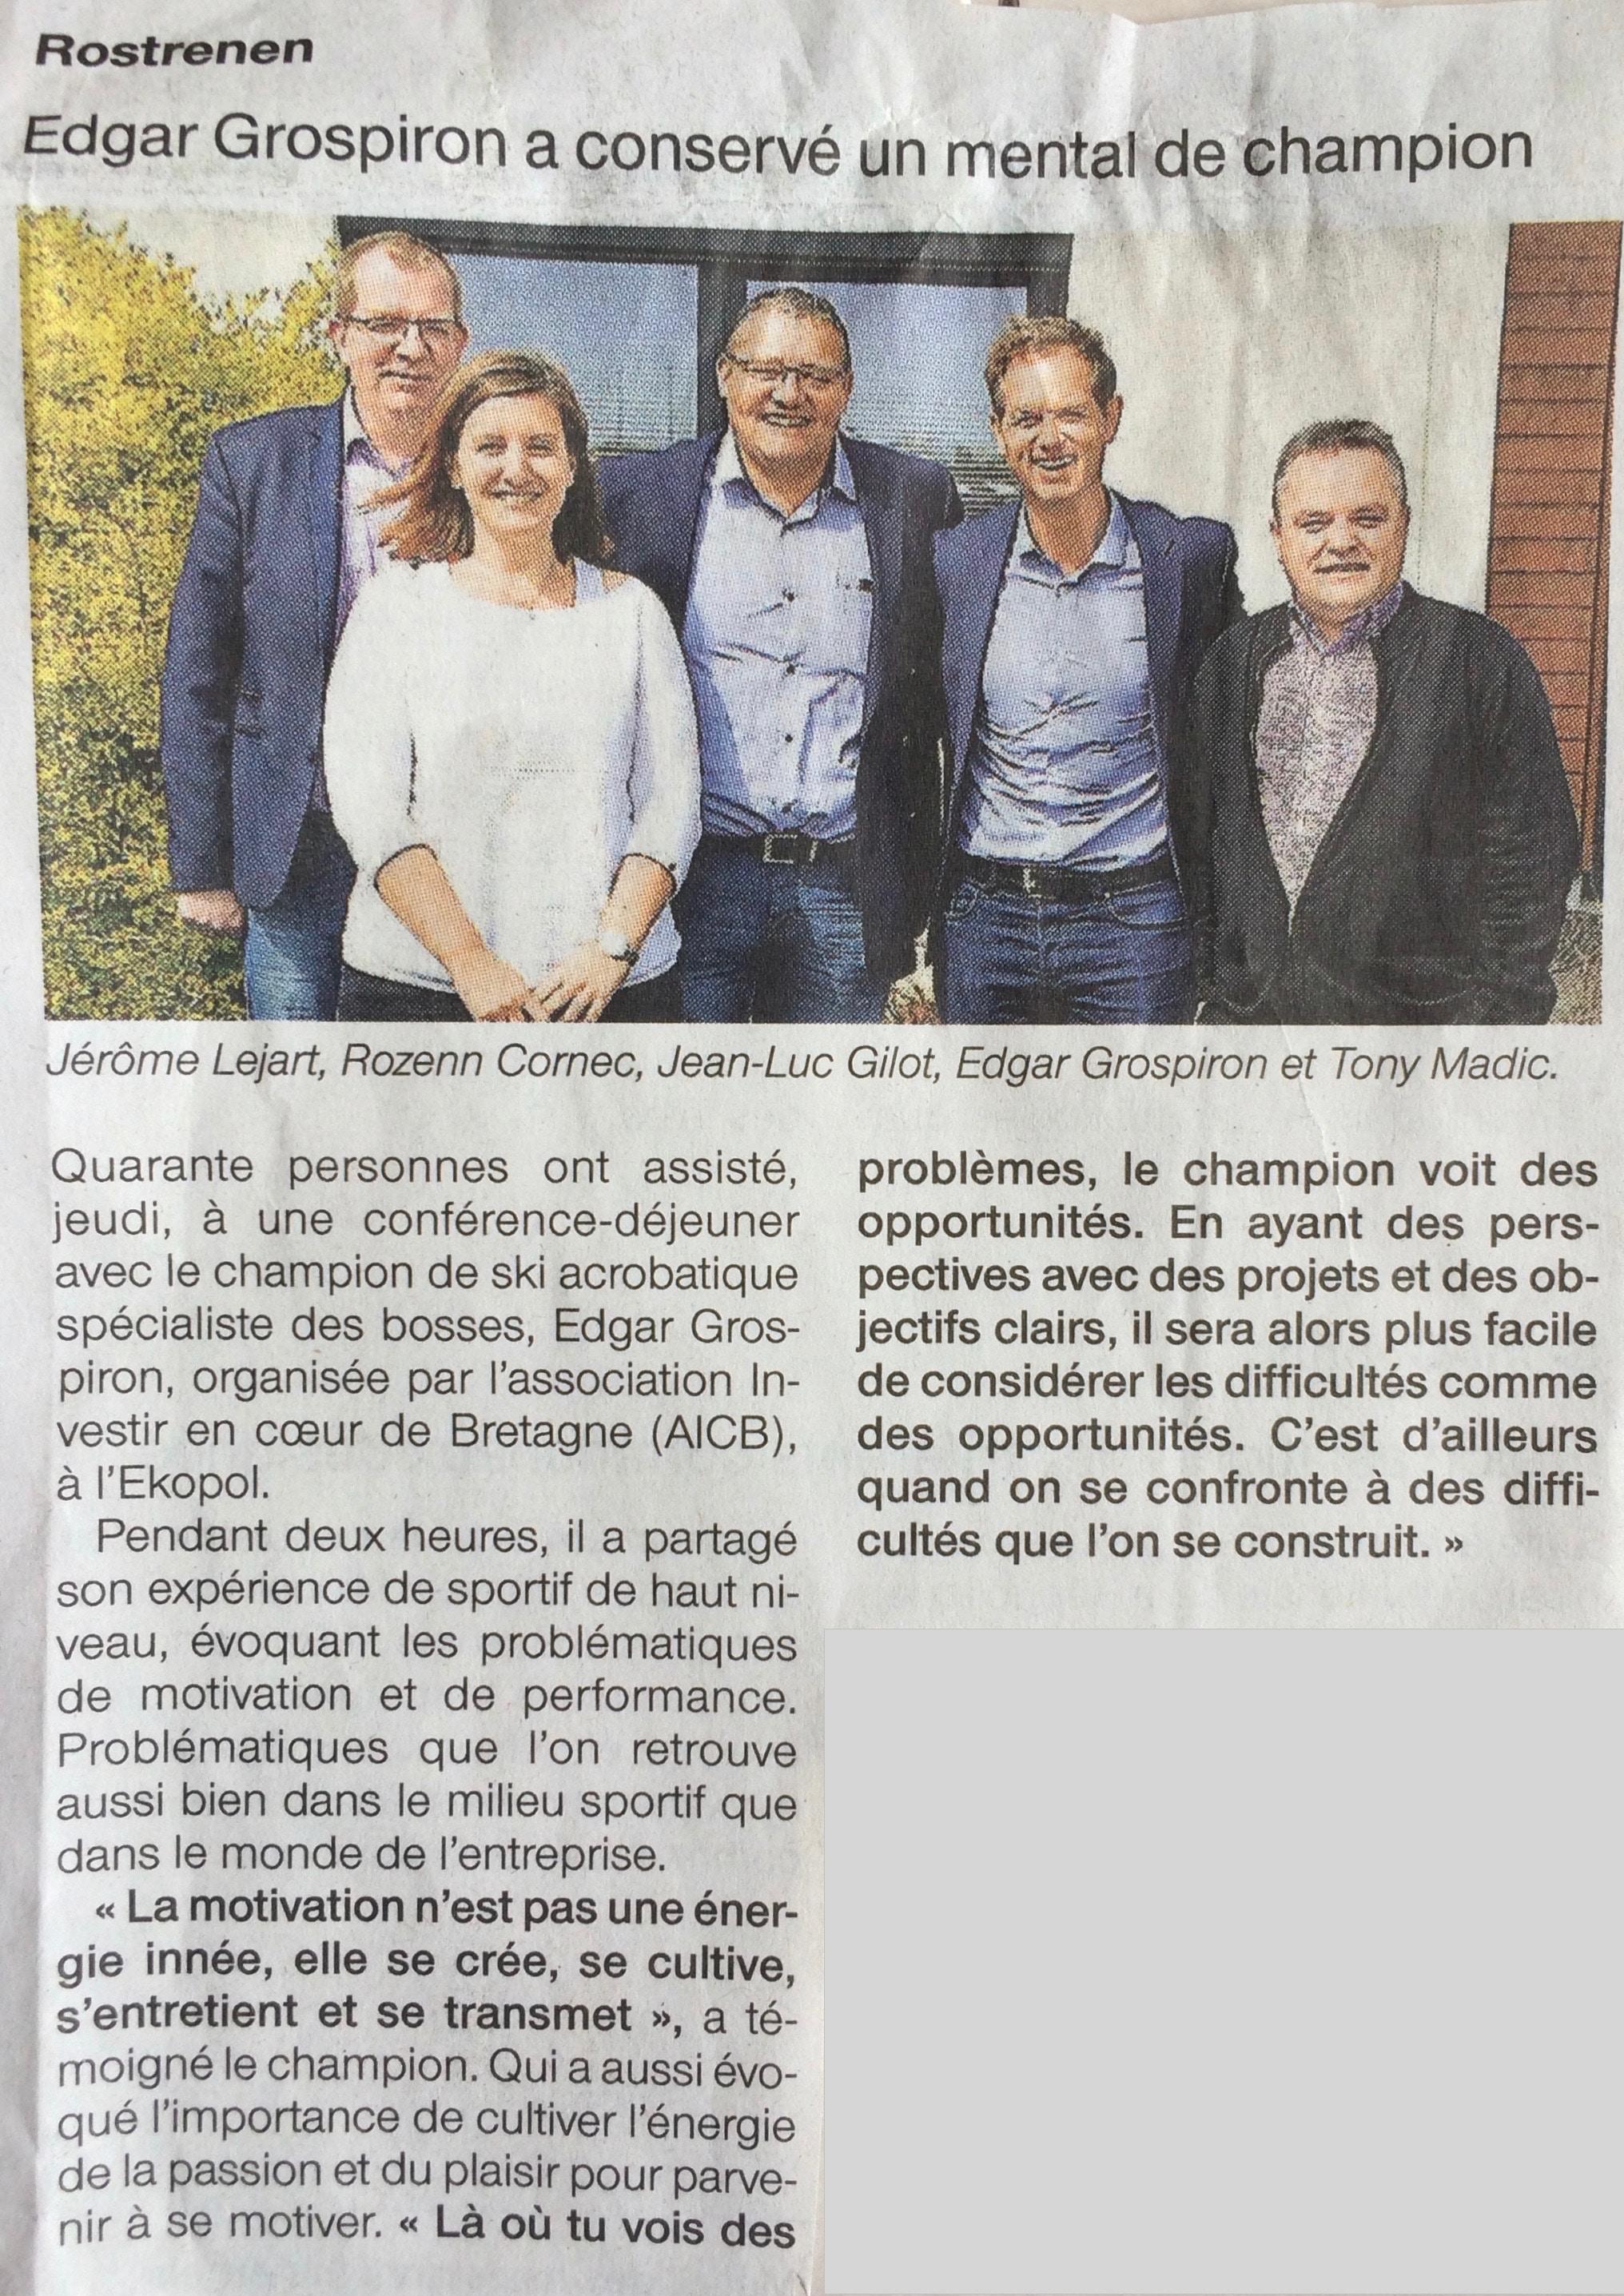 Communiqué de presse - Edgar Grospiron a conservé un mental de champion - Ouest France